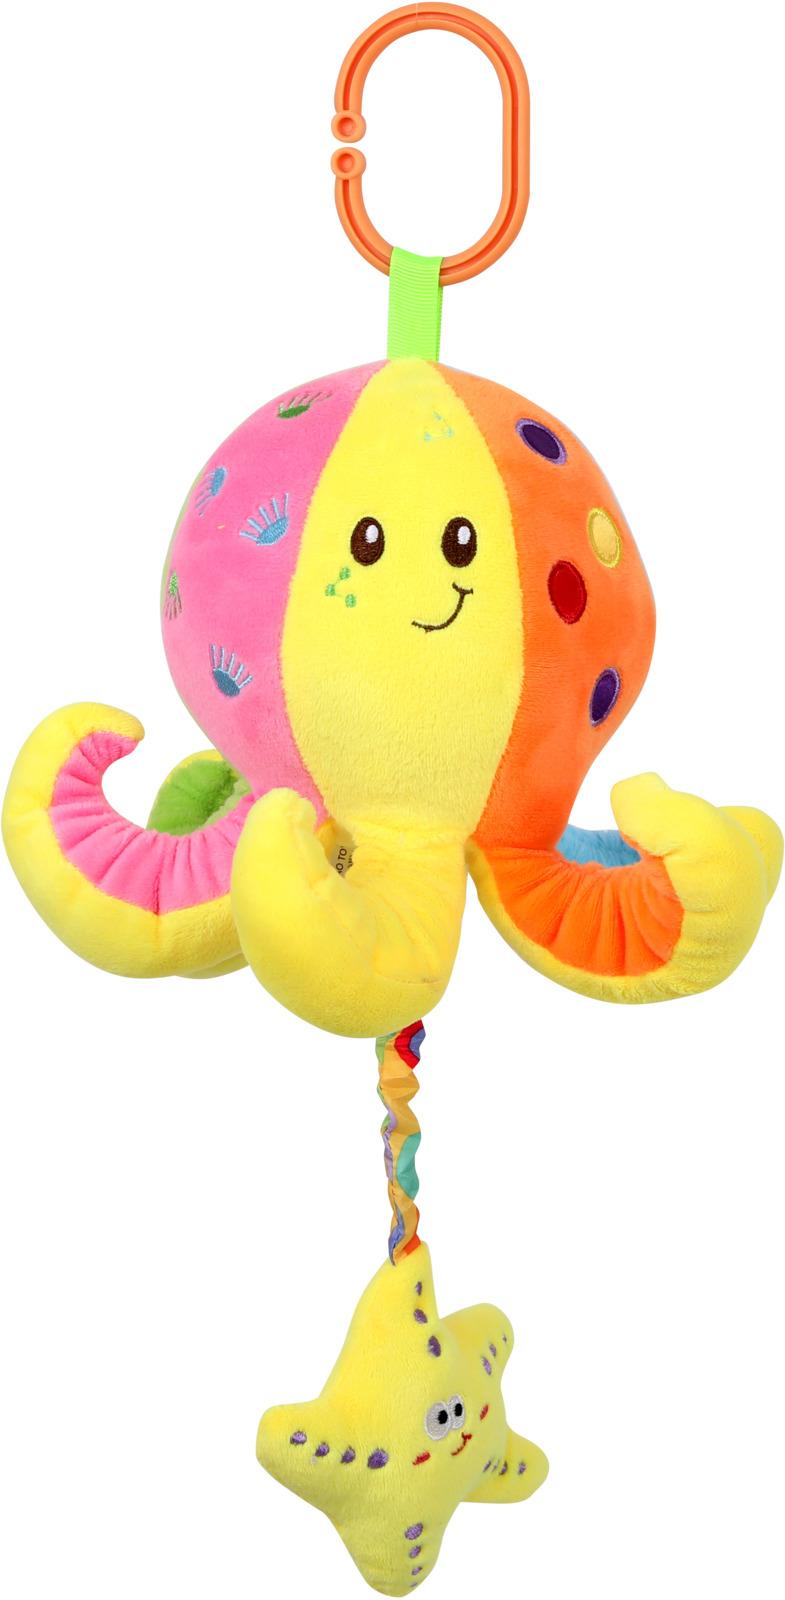 Подвесная музыкальная игрушка Lorelli Toys Осминожка. 10191250002 игрушка подвеска lorelli toys 1019112